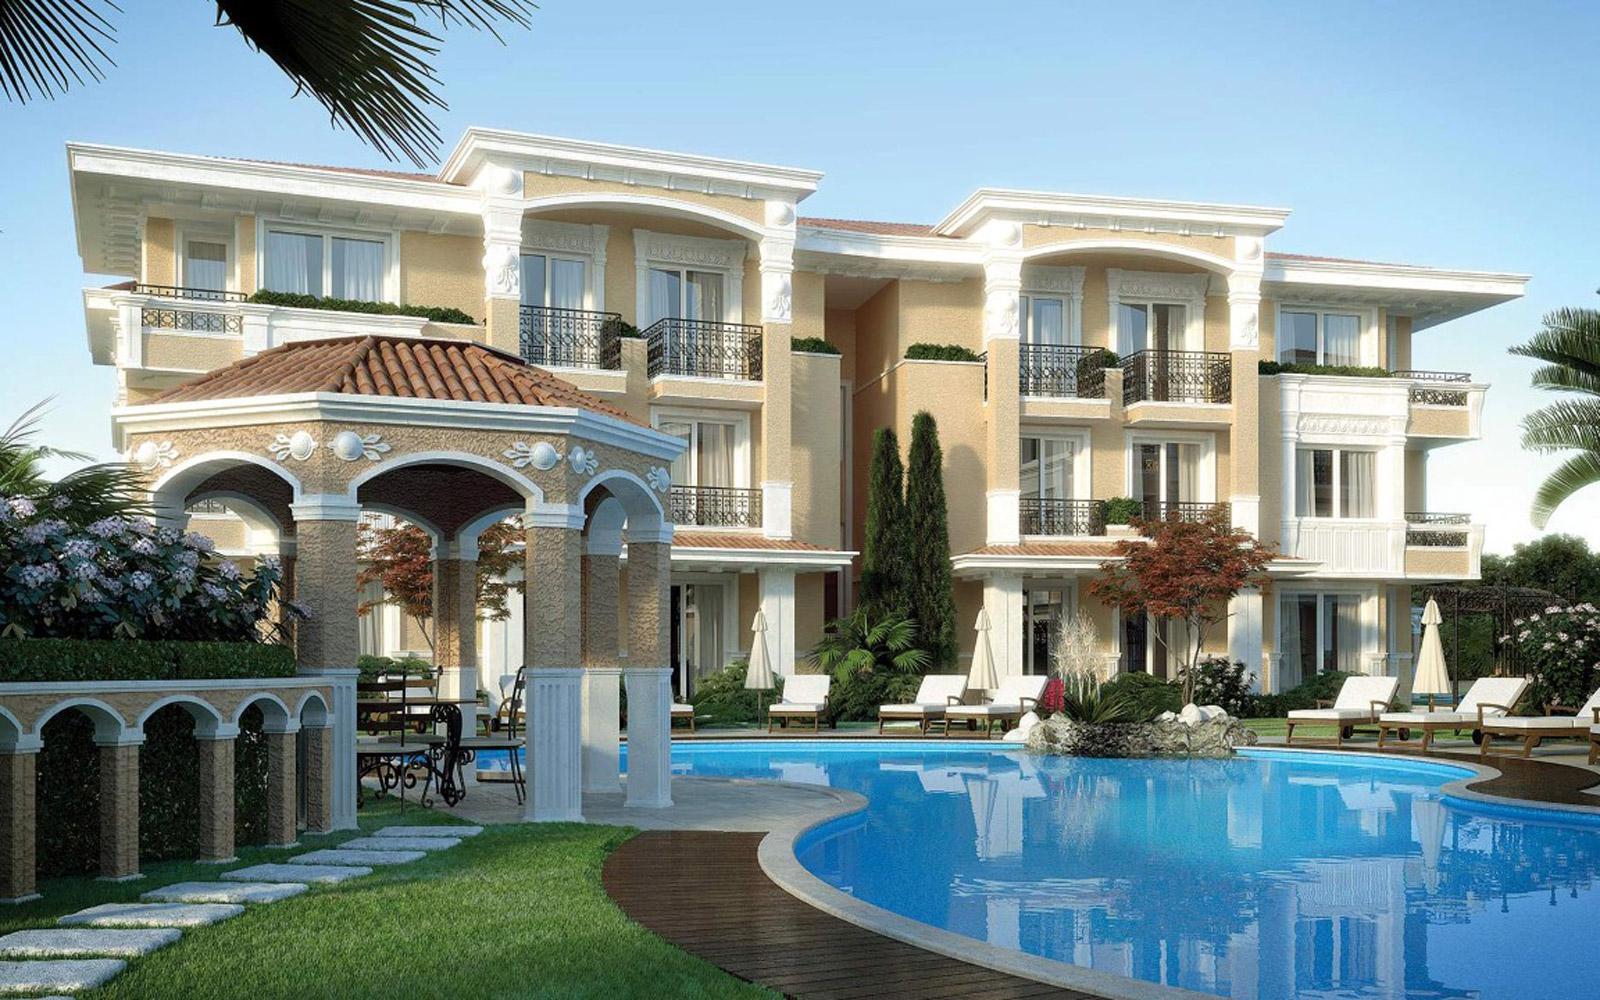 ВНЖ в Венгрии при покупке недвижимости | Migronis